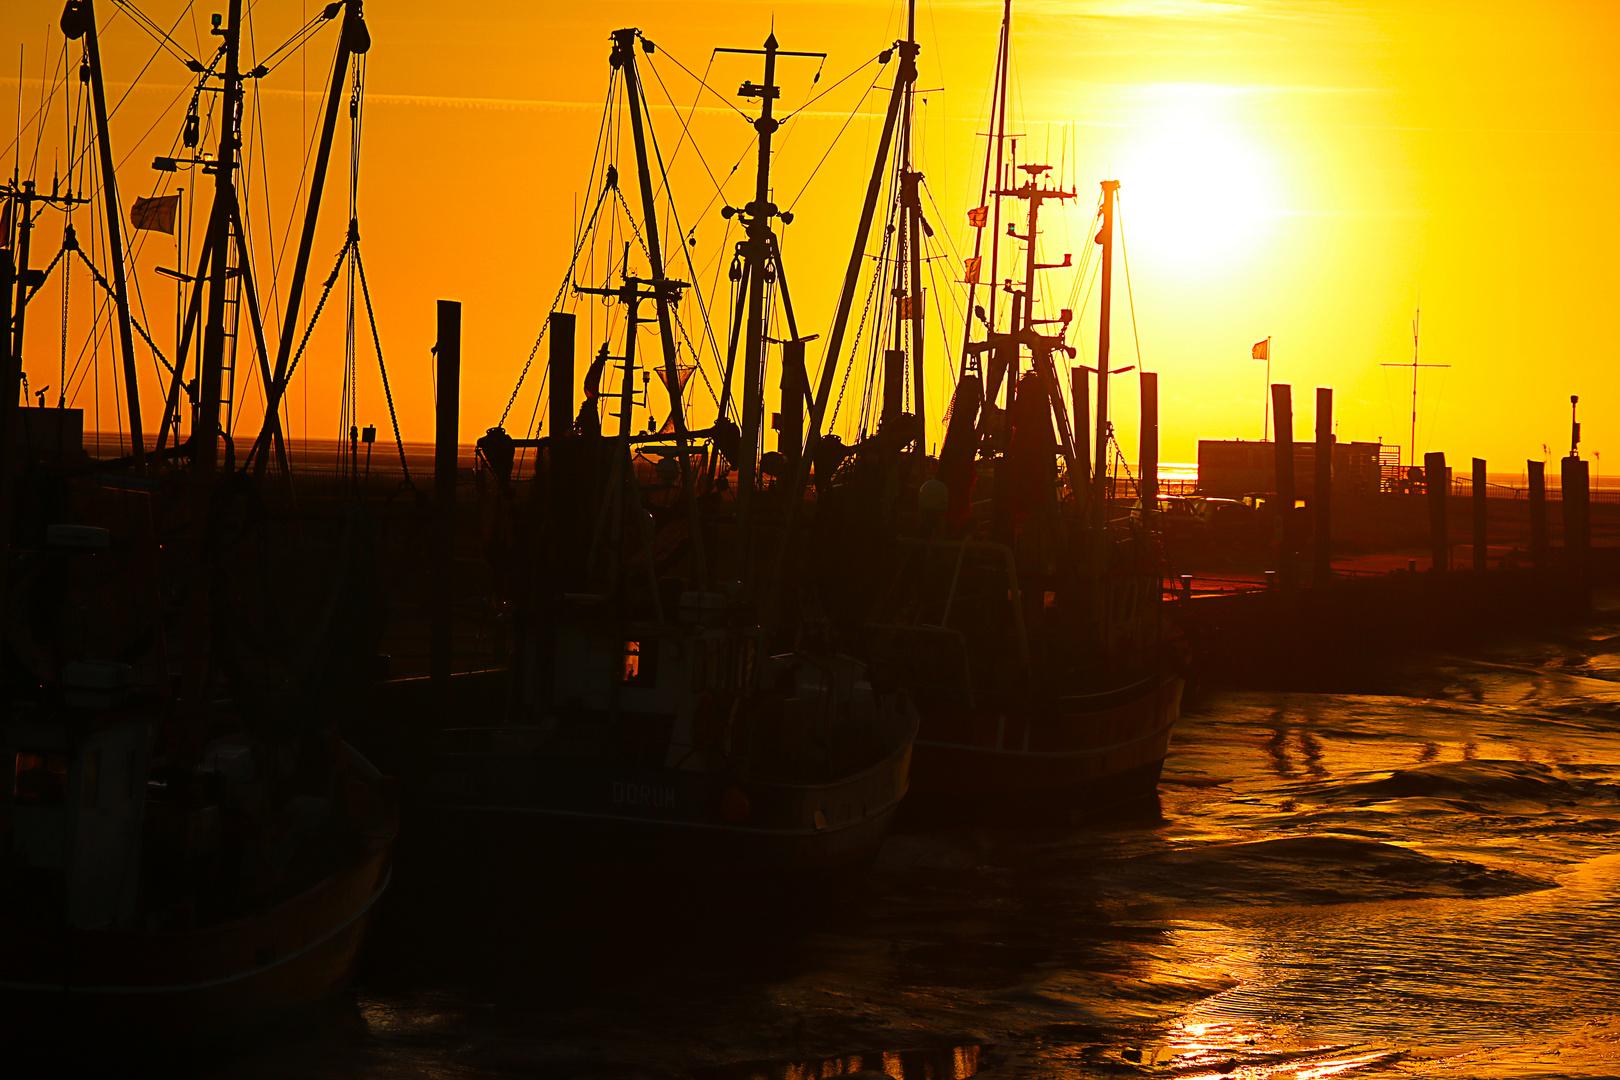 Strahlen des Sonnenuntergangs